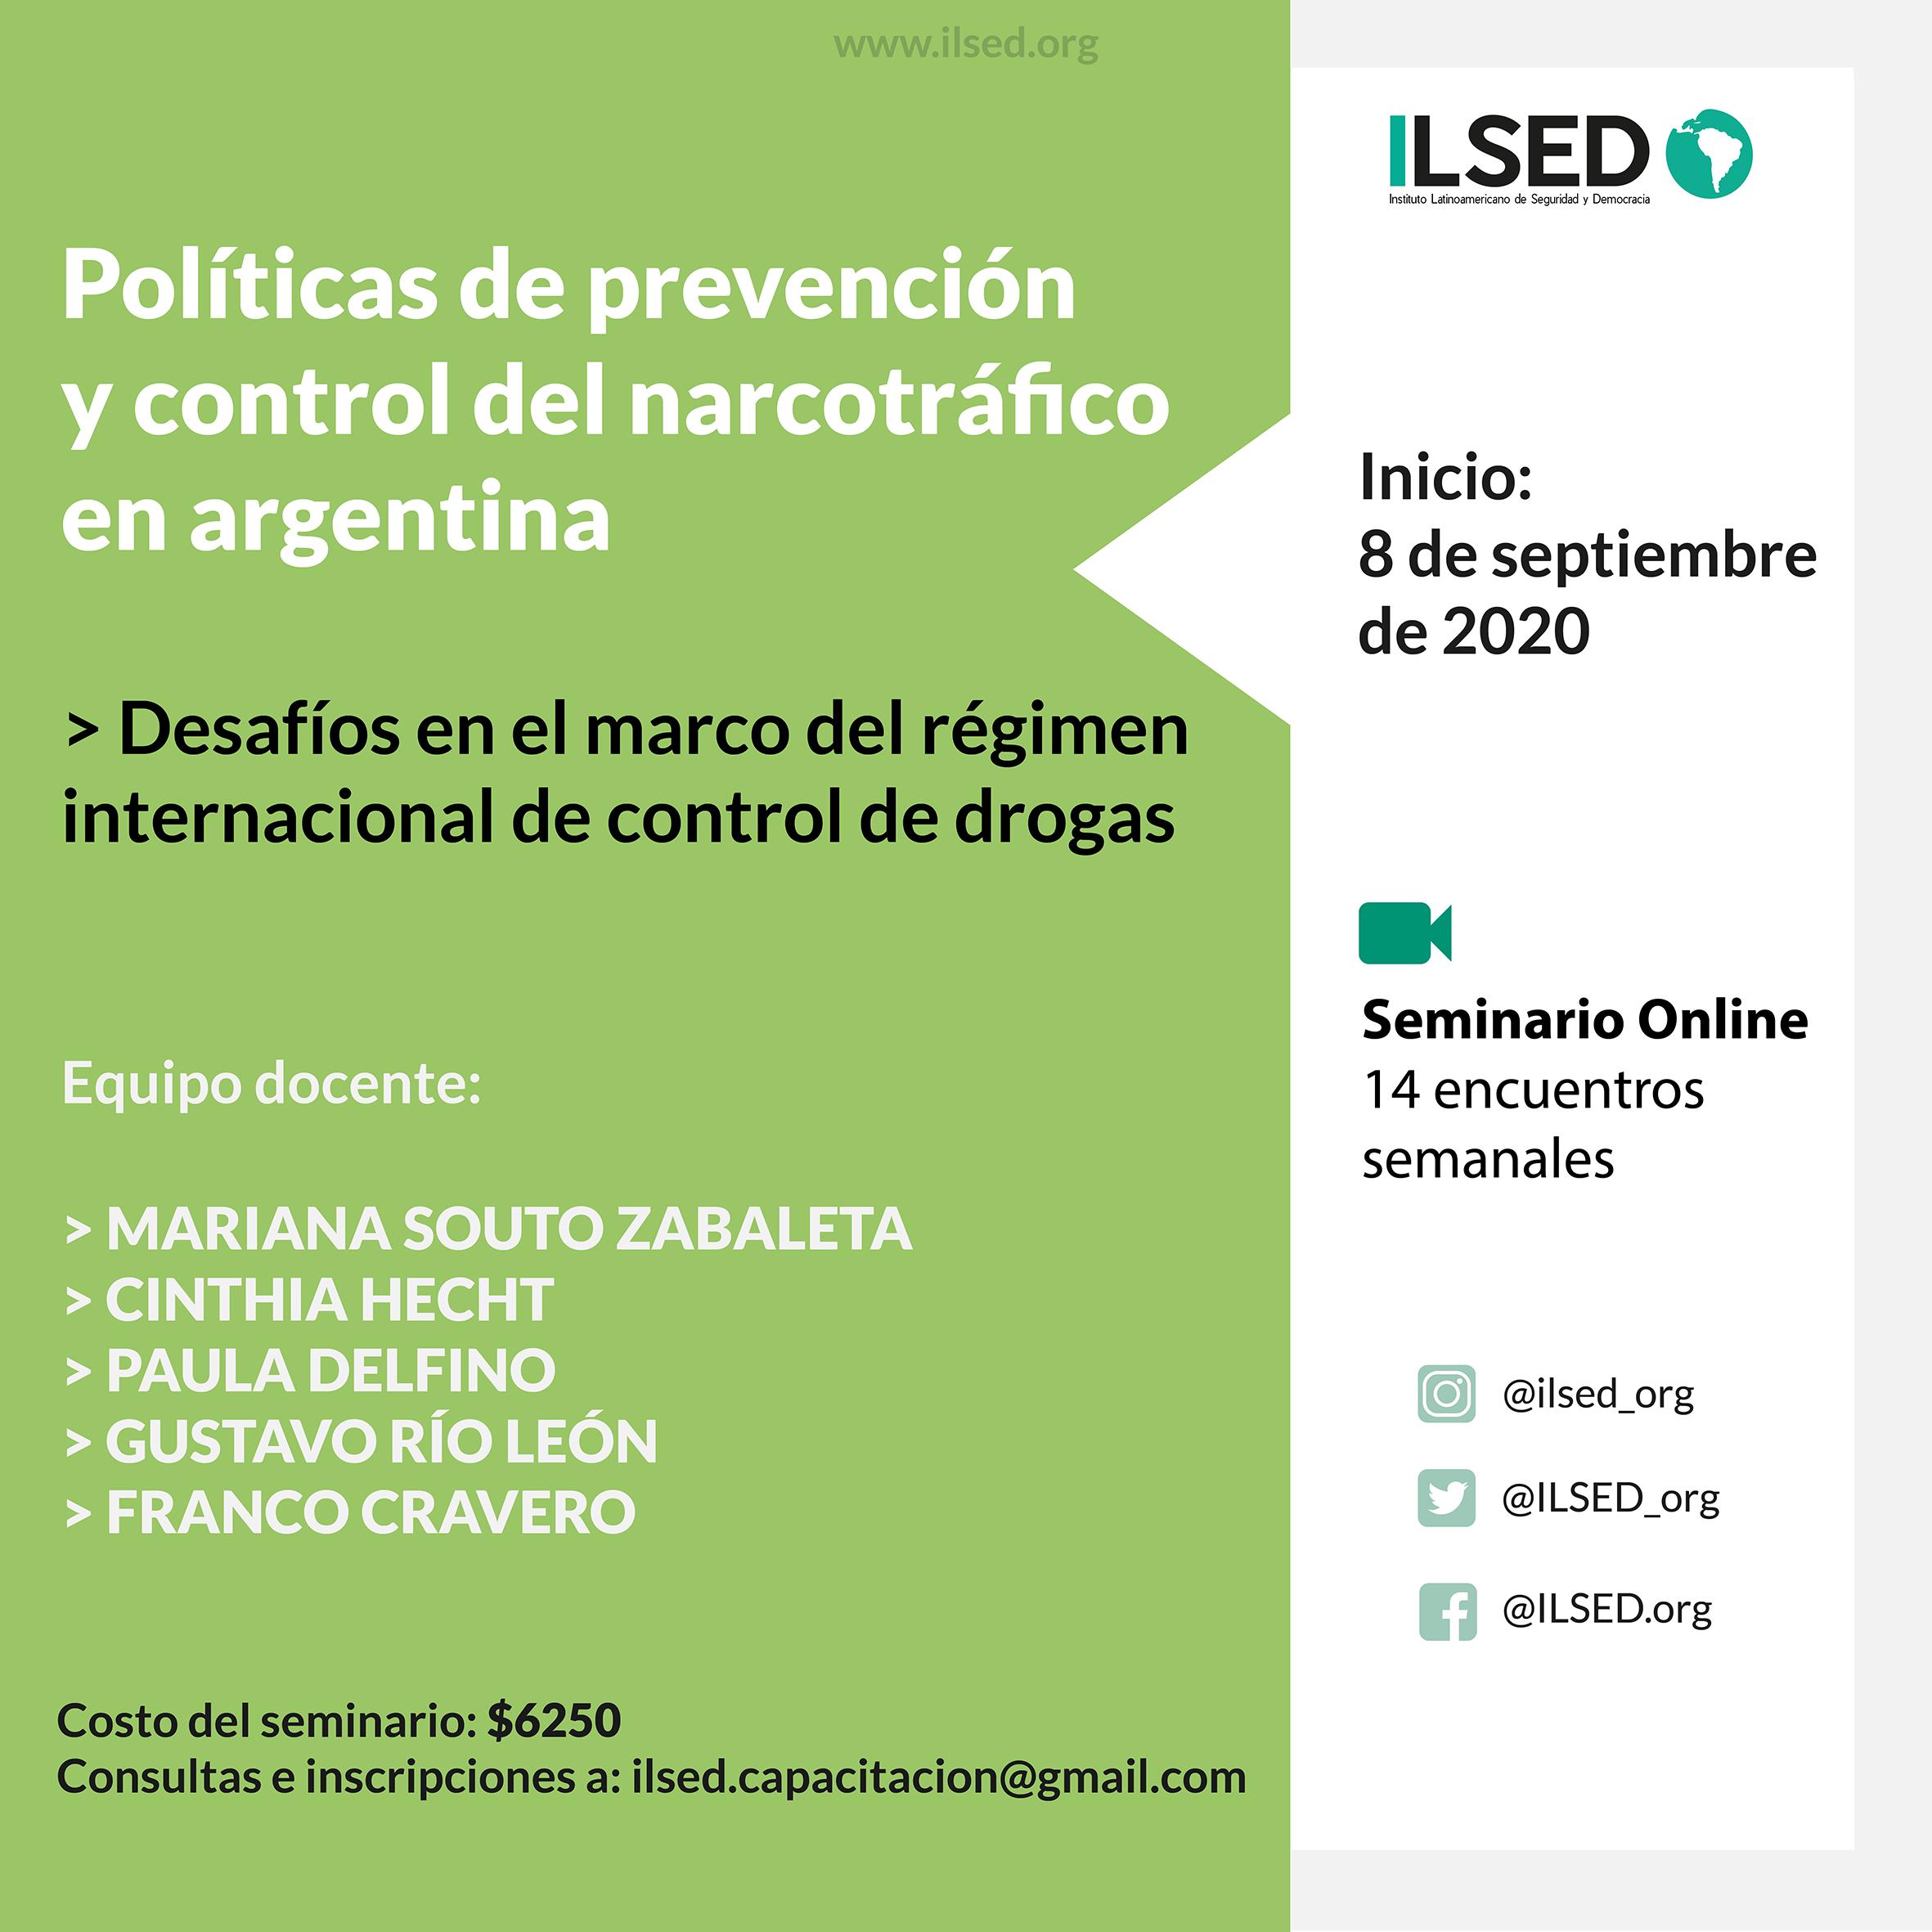 Políticas de prevención y control del narcotráfico en Argentina